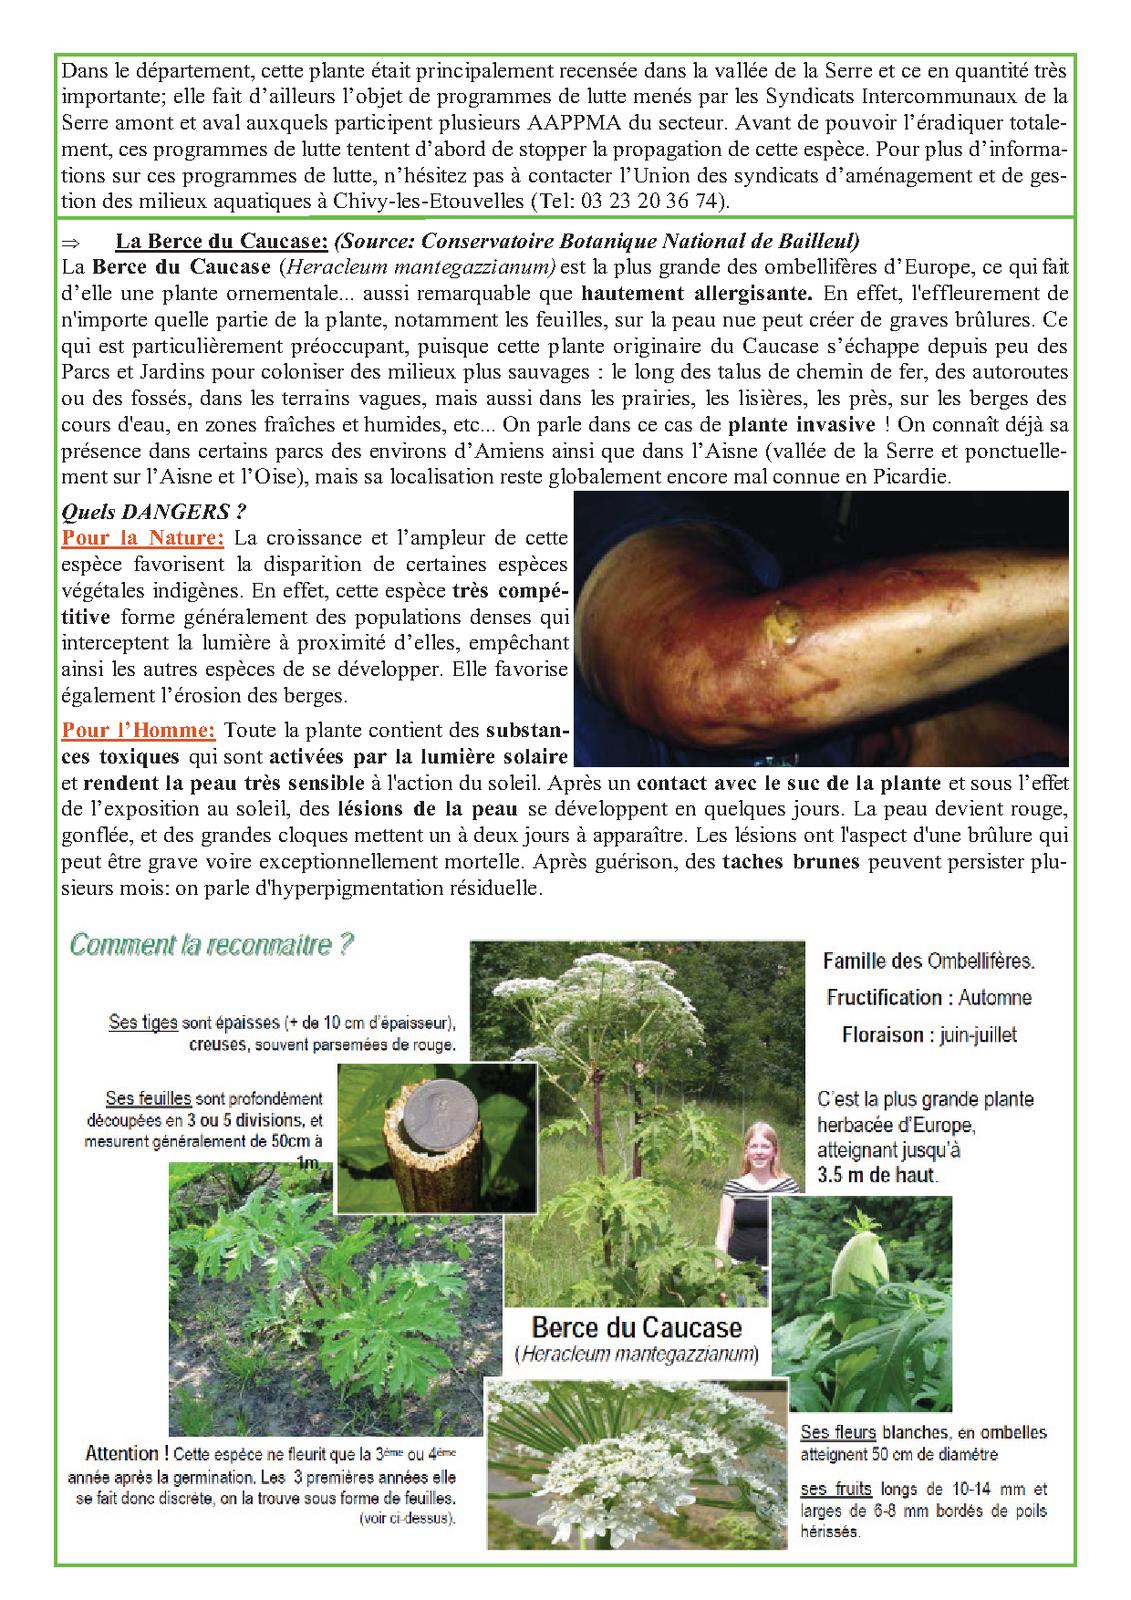 BULLETIN D'INFORMATION DE MES AMIS, PECHEURS DE L'AISNE.